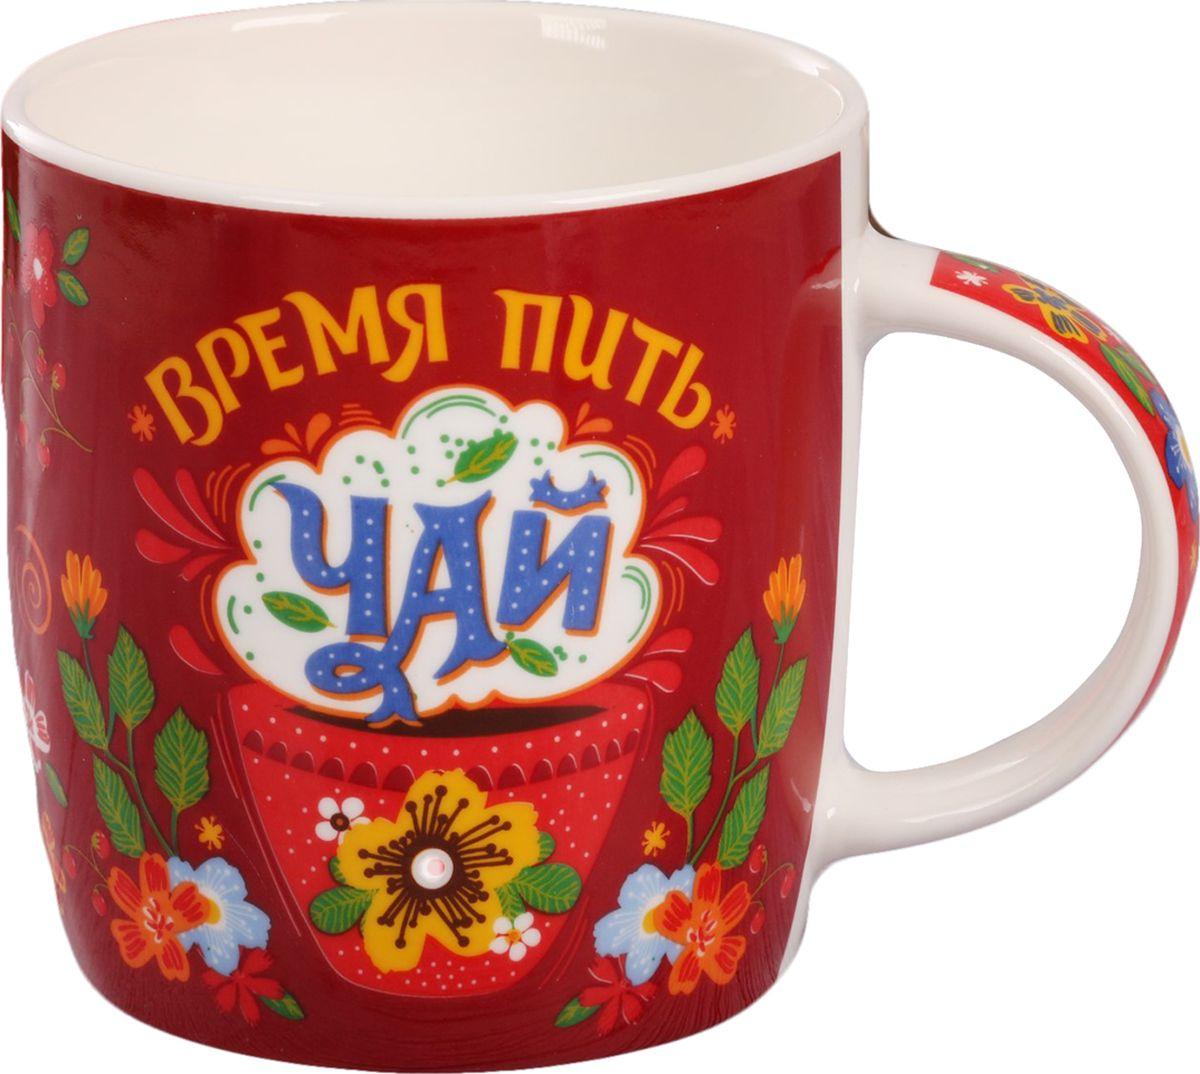 Кружка Время пить чай, цвет: красный, 300 мл2929556От качества посуды зависит не только вкус еды, но и здоровье человека. Кружка— товар, соответствующий российским стандартам качества. Любой хозяйке будет приятно держать его в руках. С нашей посудой и кухонной утварью приготовление еды и сервировка стола превратятся в настоящий праздник.